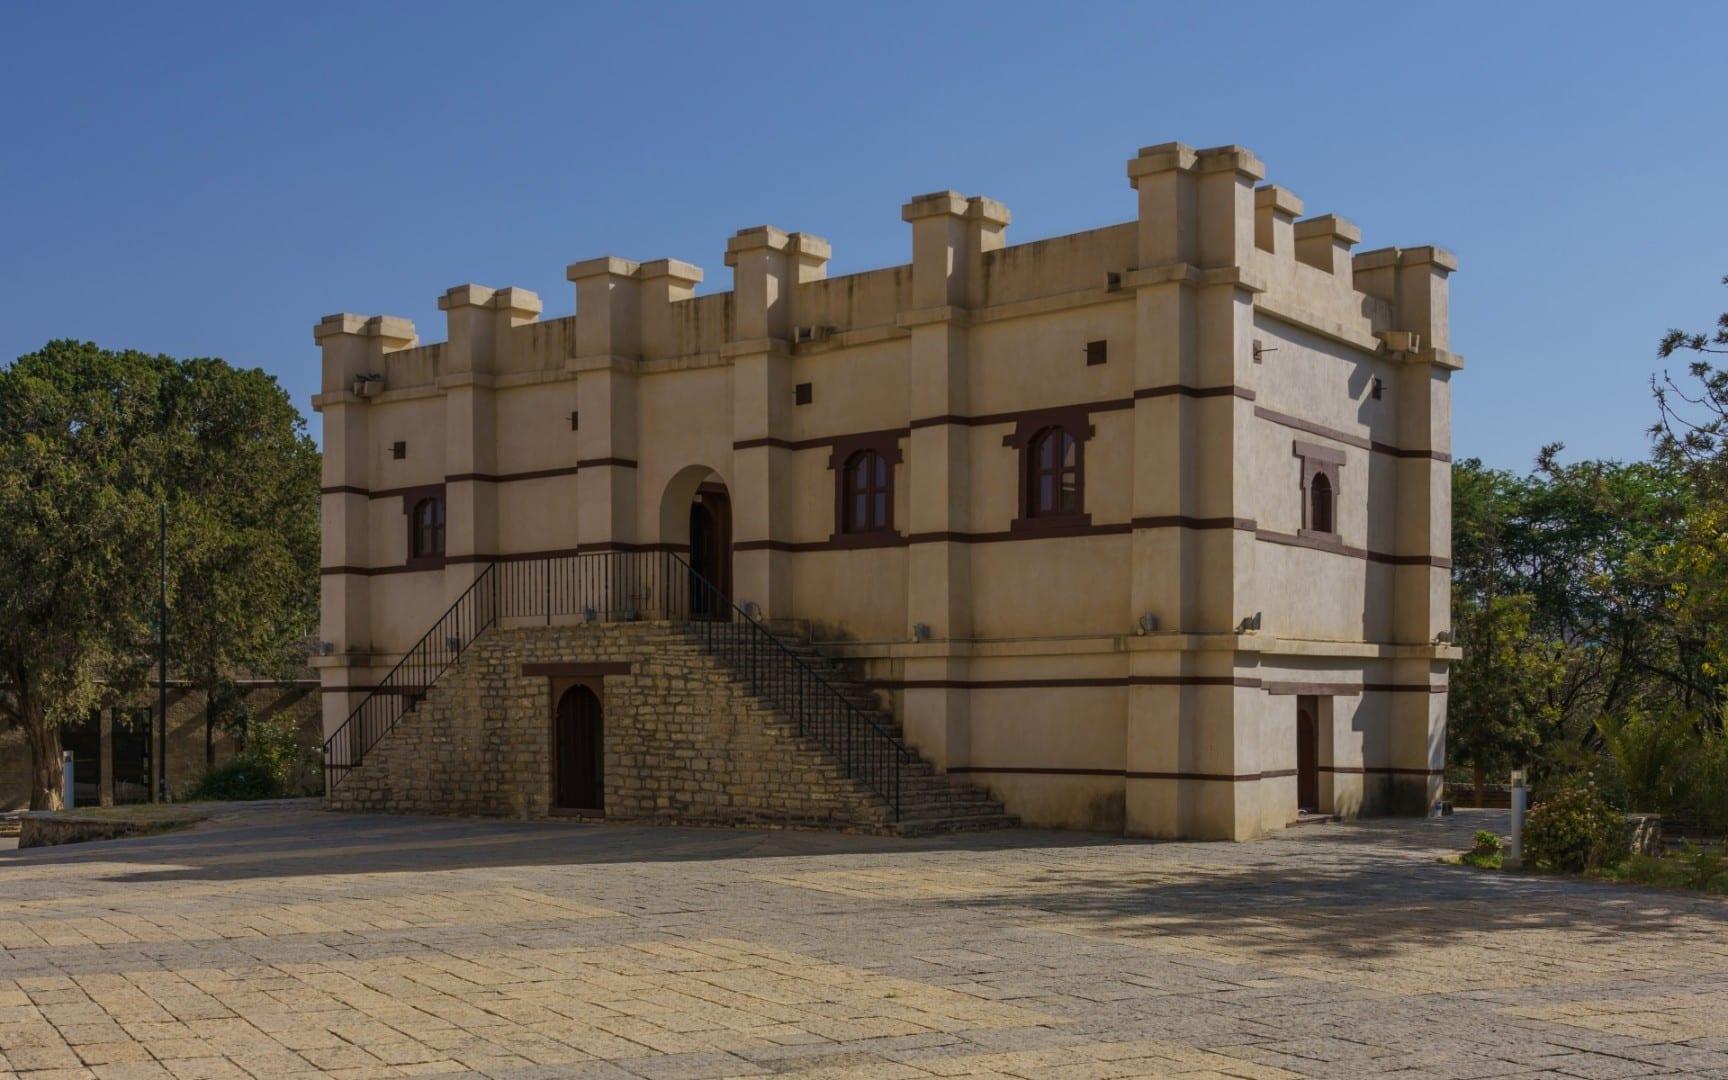 Museo Yohannes IV Mekele Etiopía